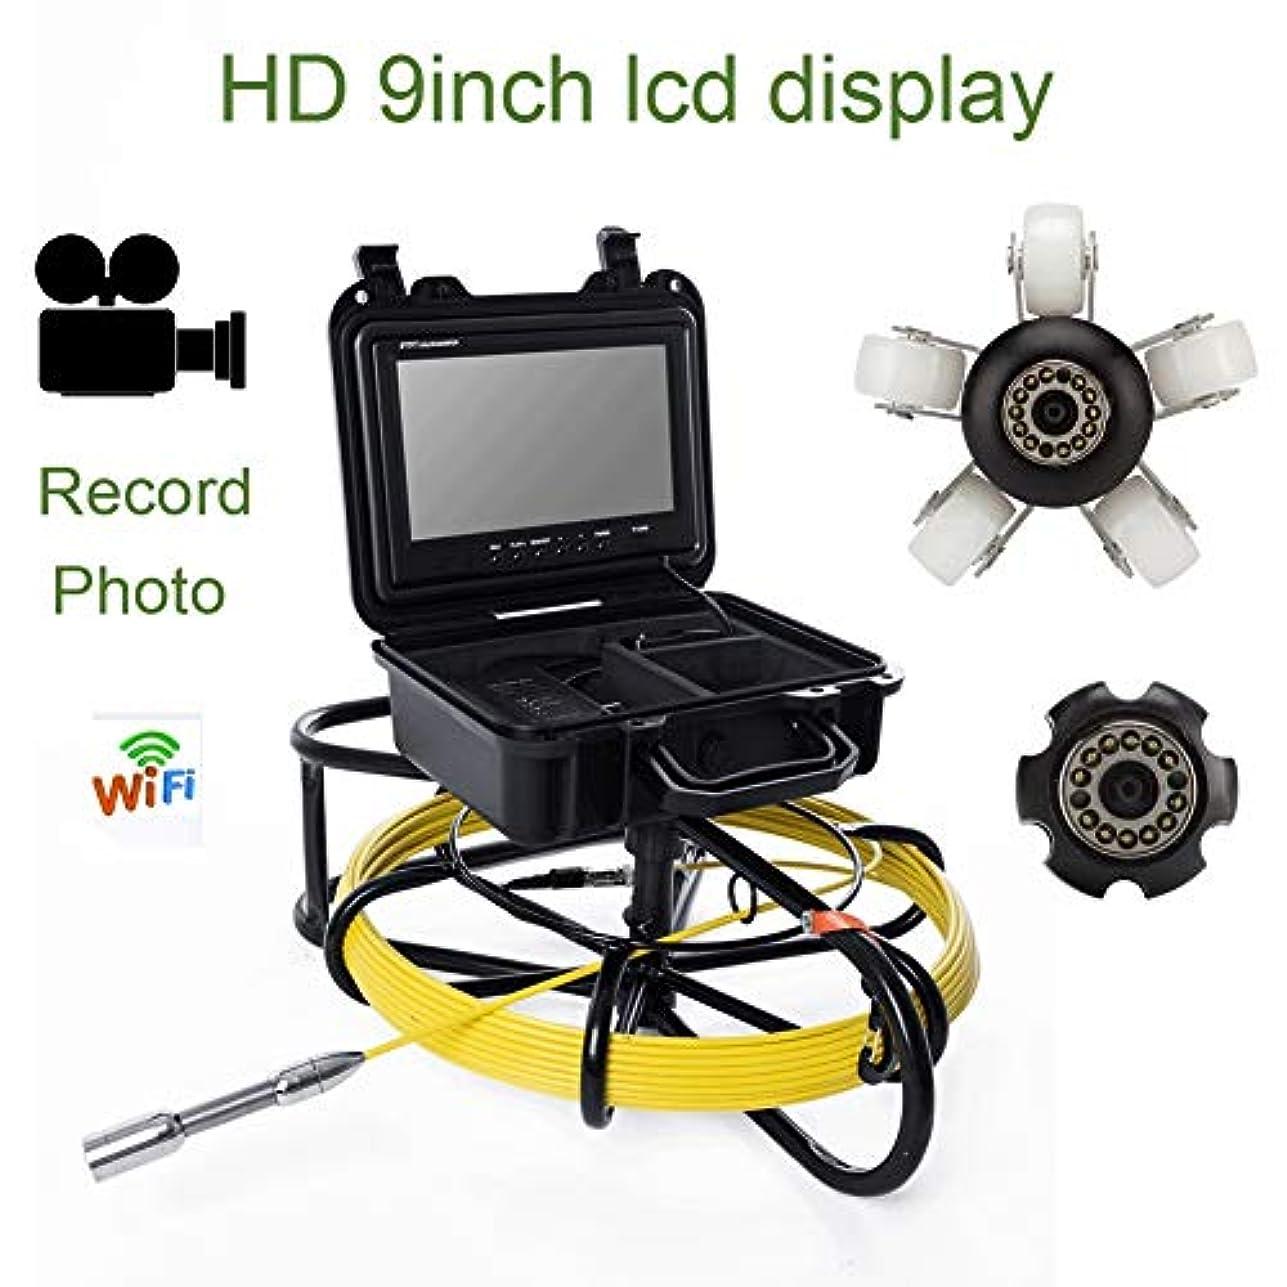 表向きヒープシュガー9インチWIFI工業用パイプライン下水道検知カメラIP68防水排水検知1000 TVL DVR機能、40M